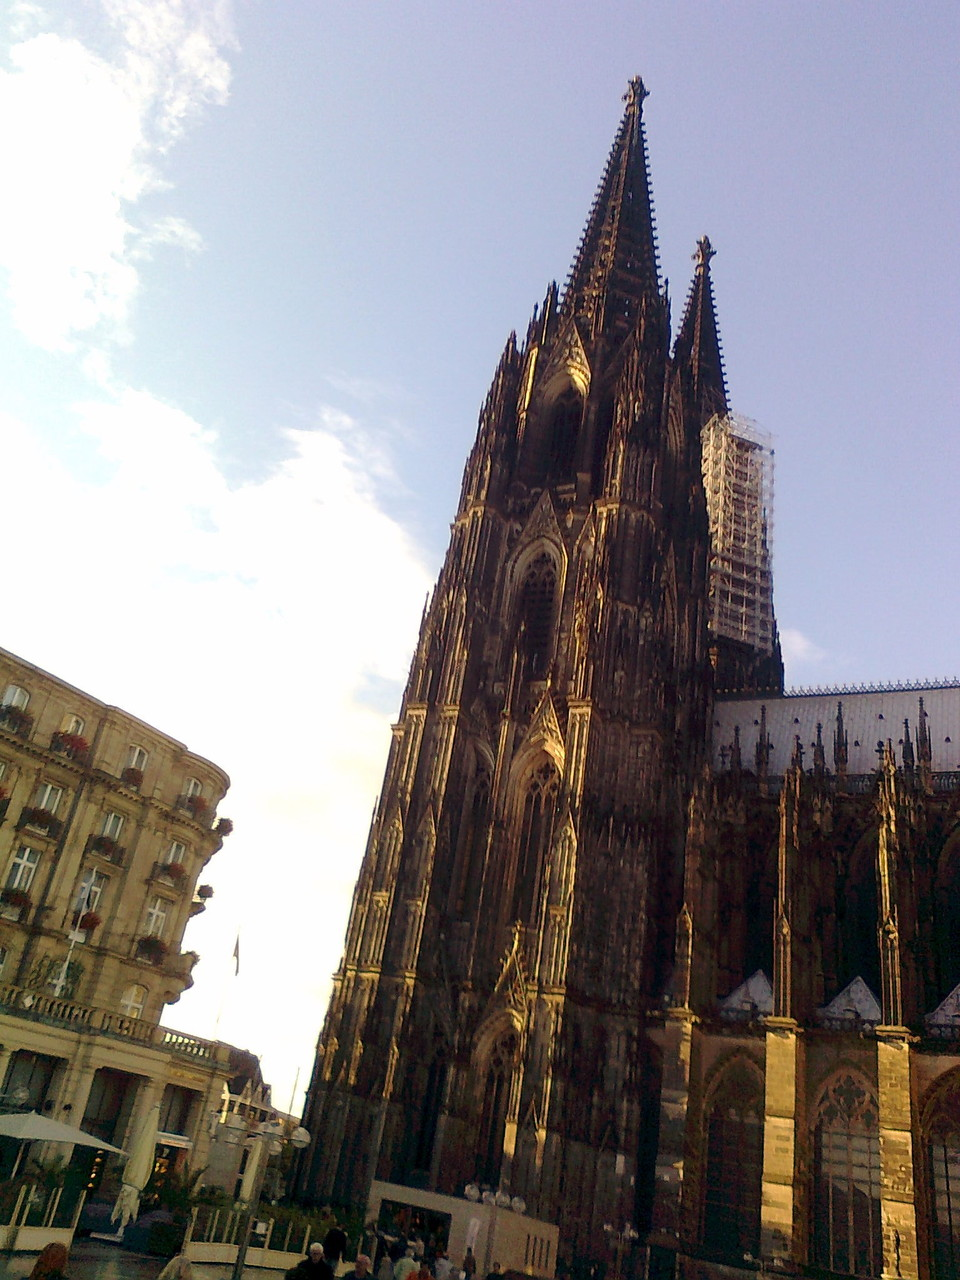 Domführung - Blick auf Kölner Dom & Dom-Hotel (wird restauriert) vom Roncalli-Platz aus